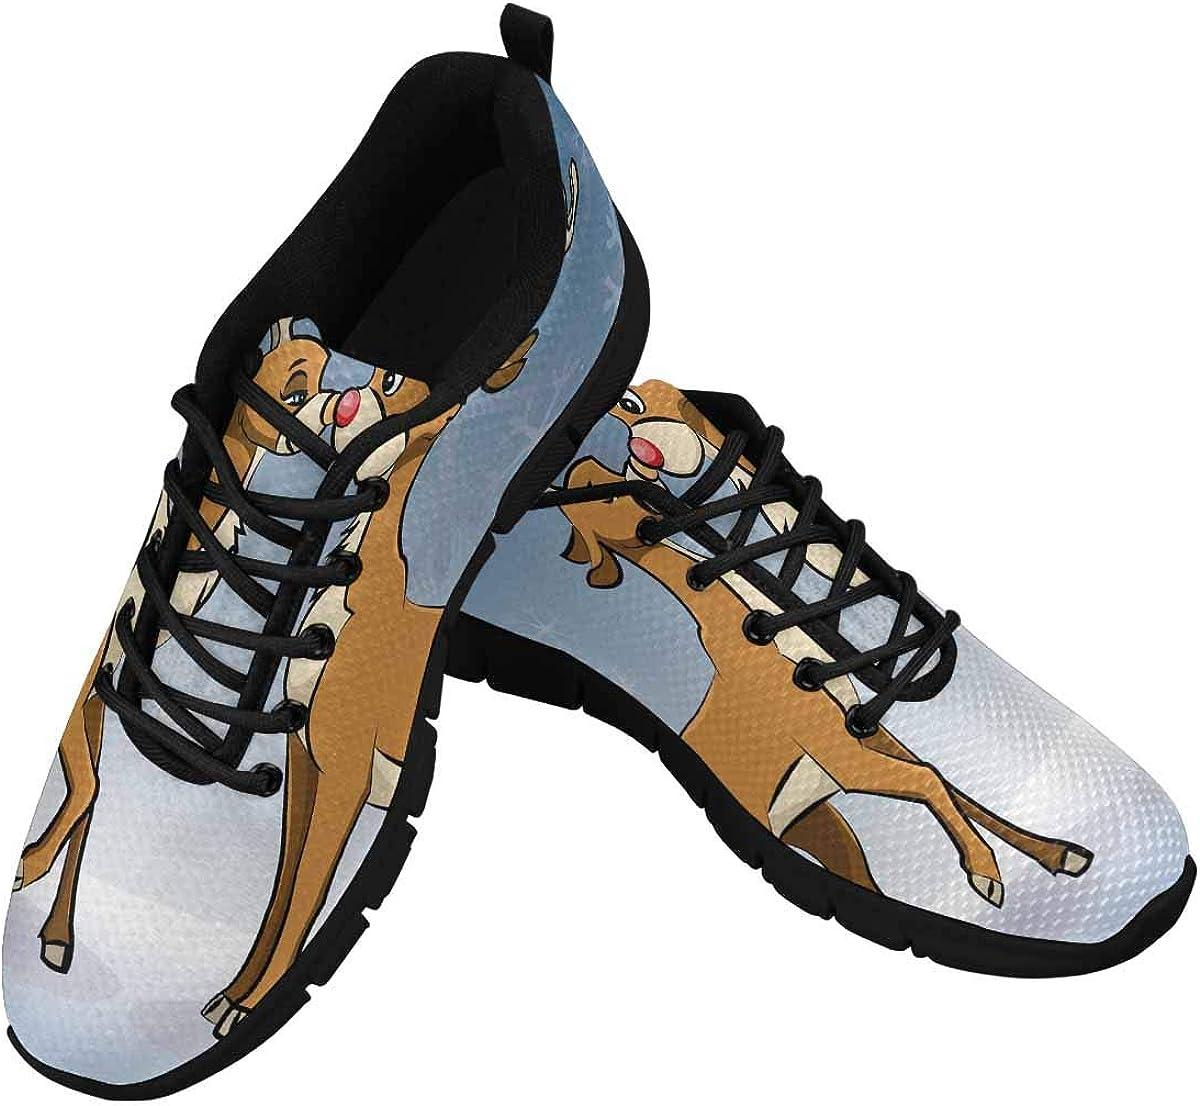 INTERESTPRINT Loving Reindeers Women's Athletic Mesh Breathable Casual Sneaker